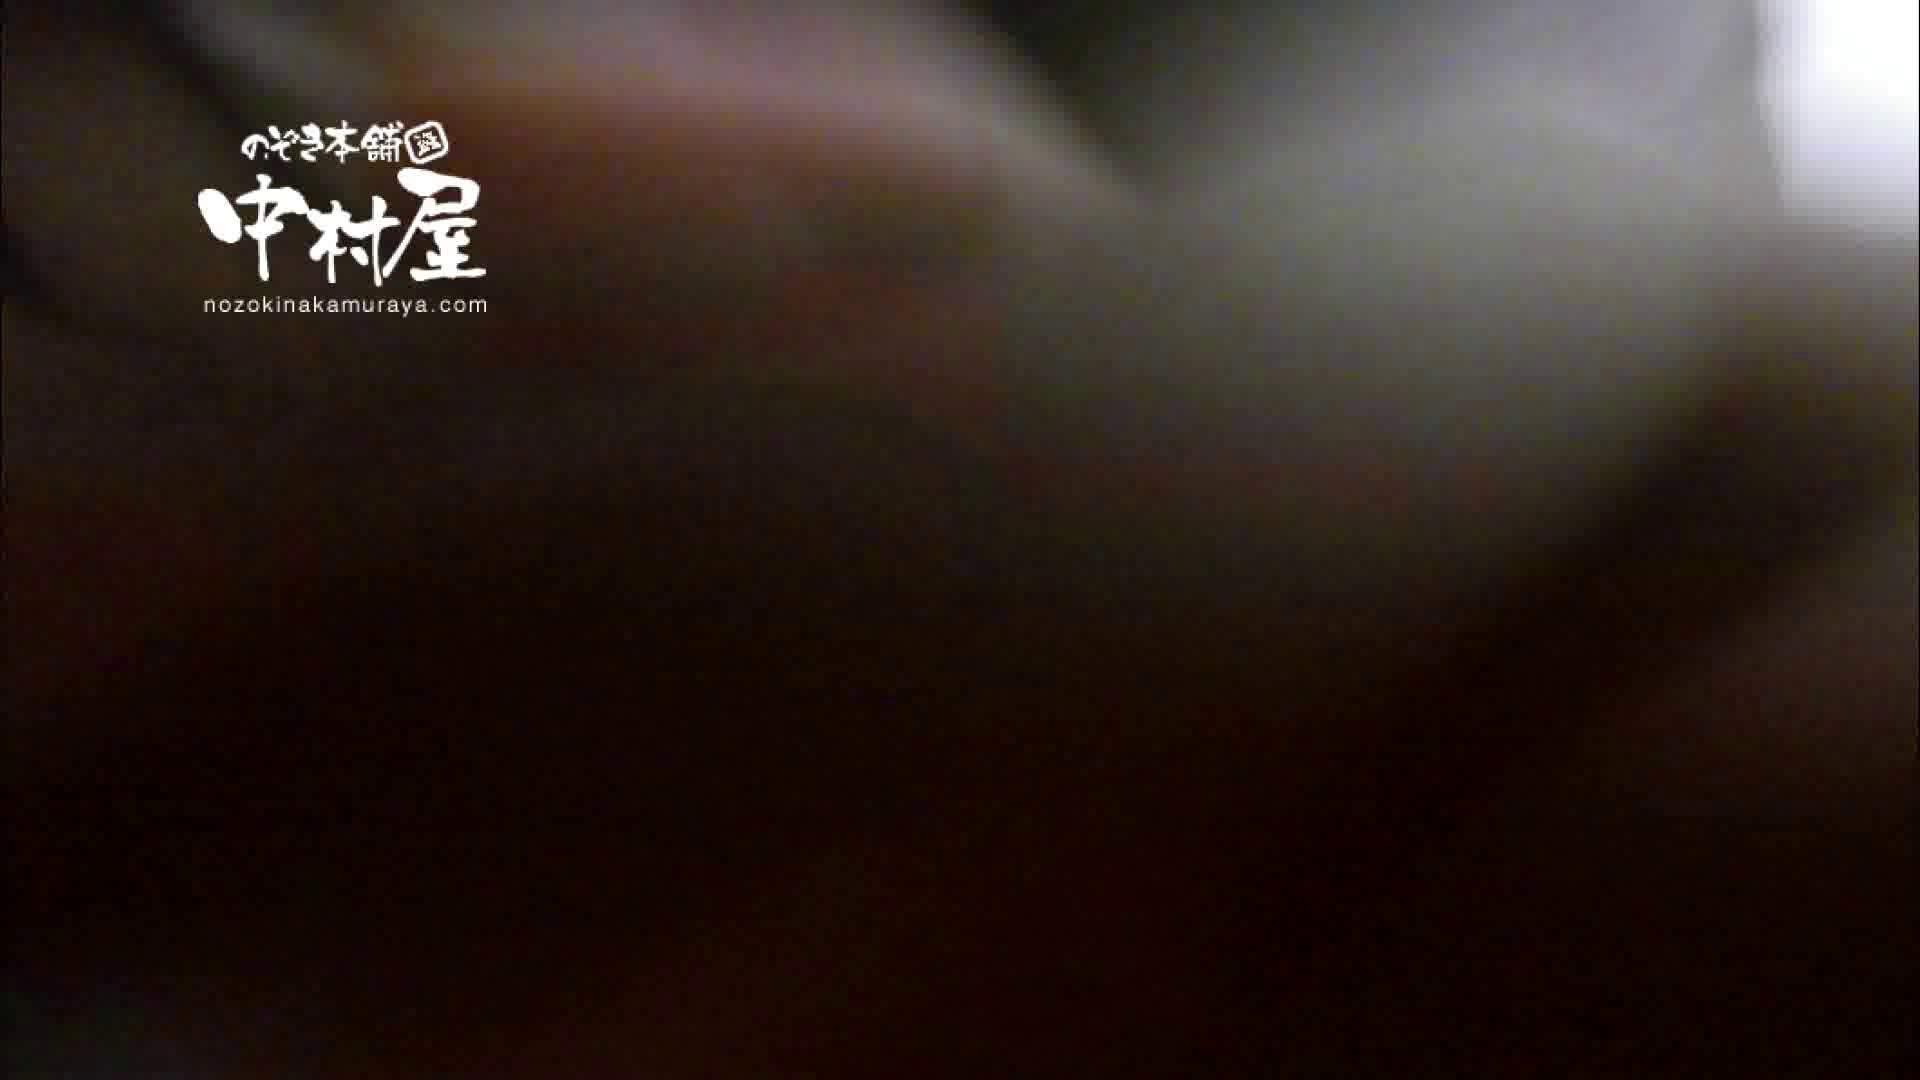 鬼畜 vol.11 下の口は正直なオンナ 前編 鬼畜  103連発 6